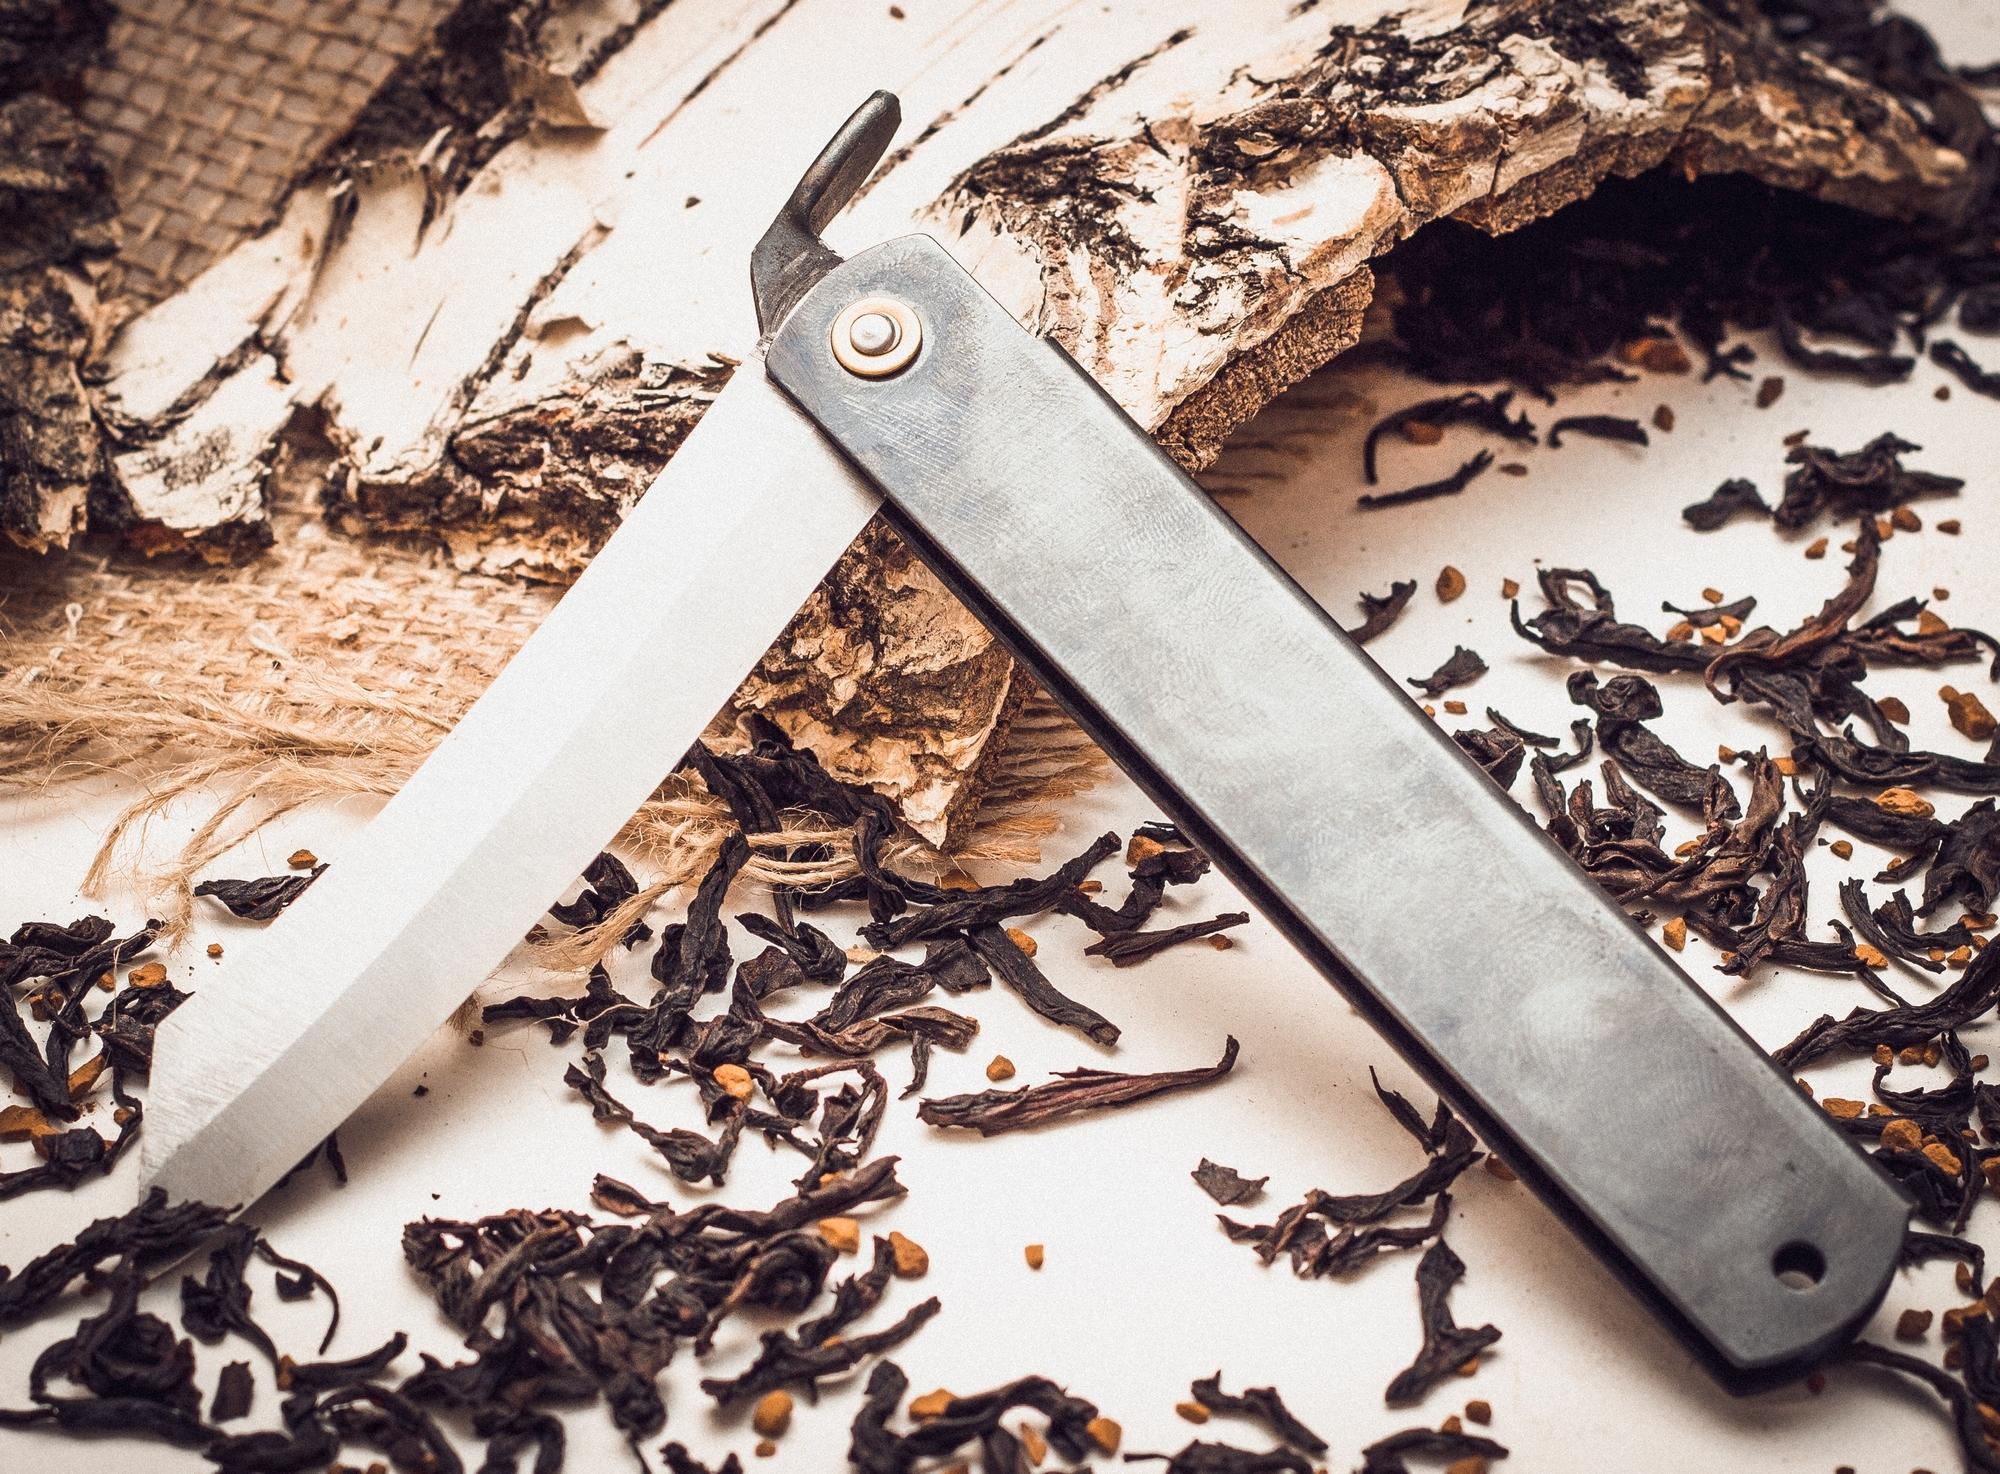 Фото 3 - Нож складной, клинок 80мм Hight carbon, рукоять черная, Nagao Higonokami